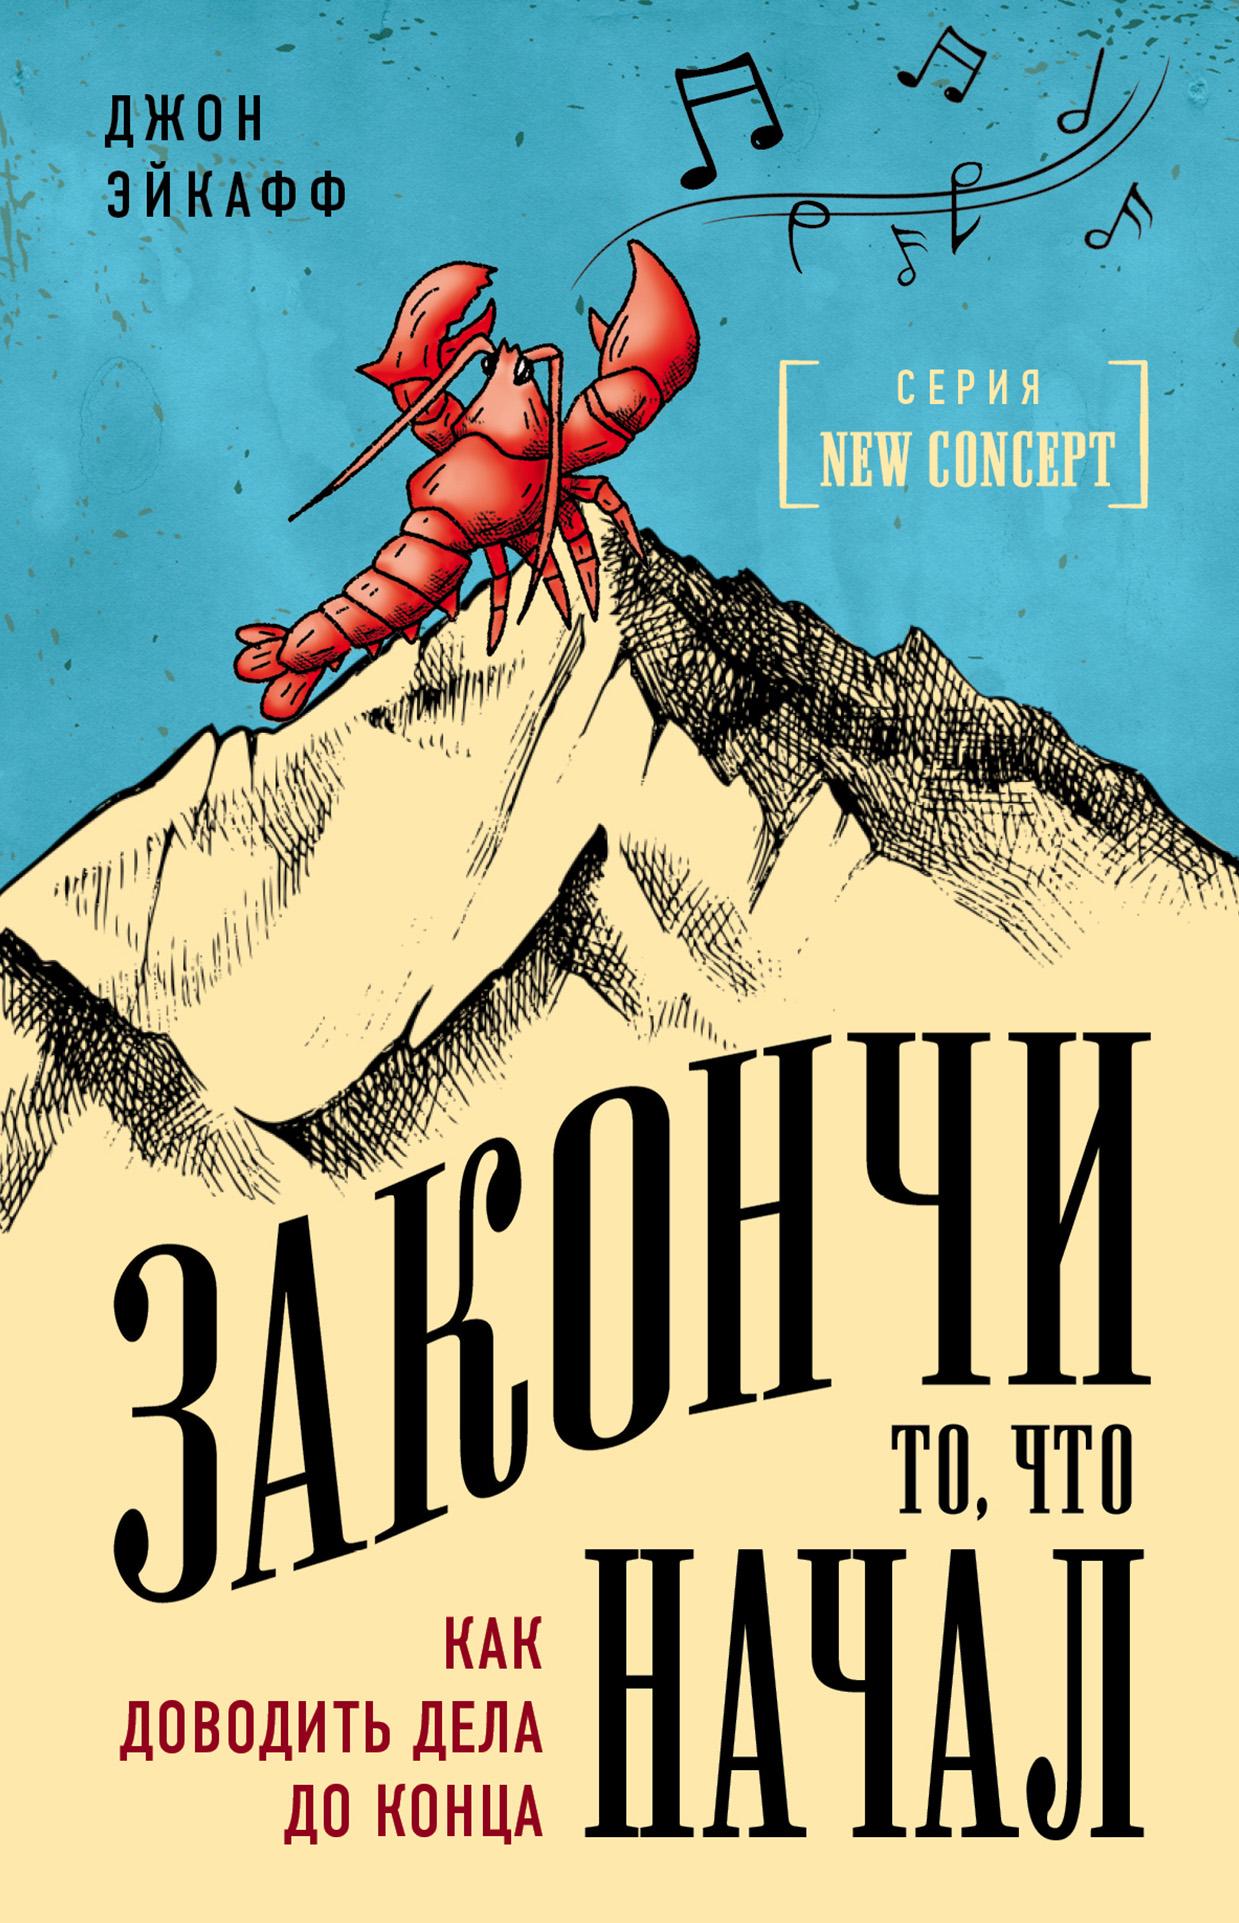 Обложка книги. Автор - Джон Эйкафф